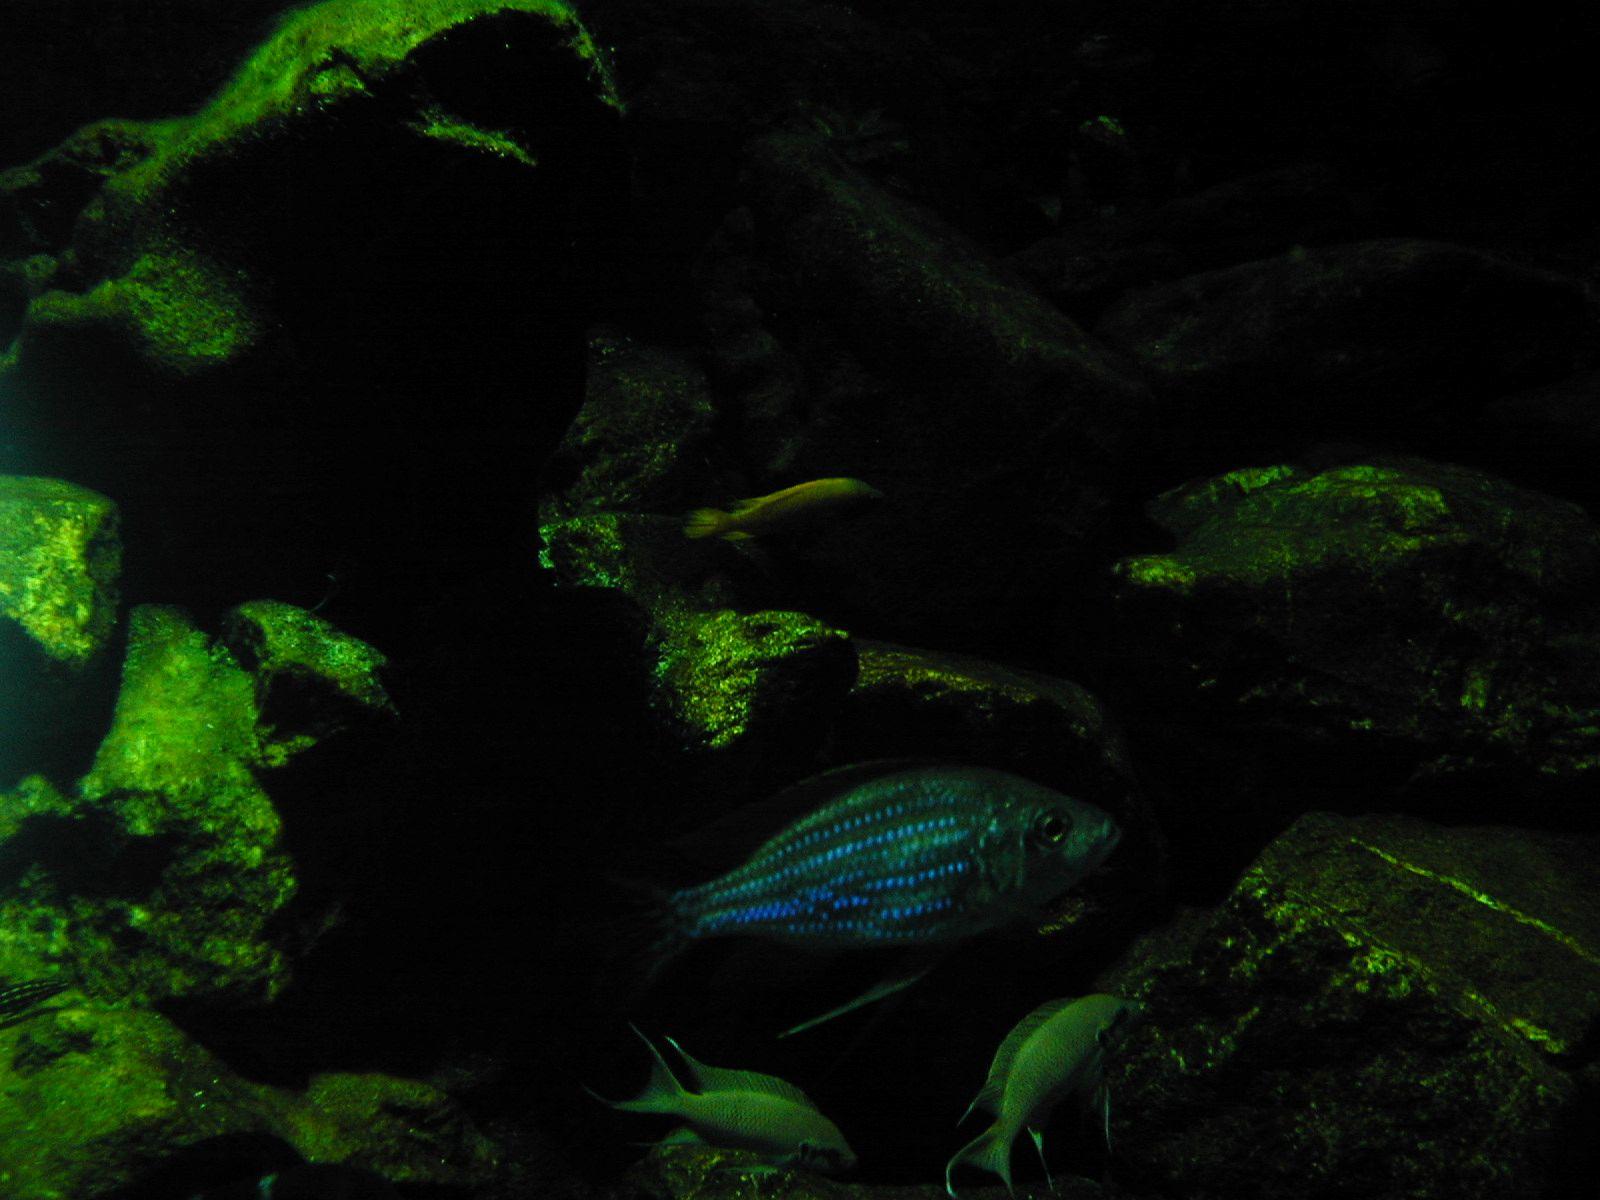 water plant fish under water dark